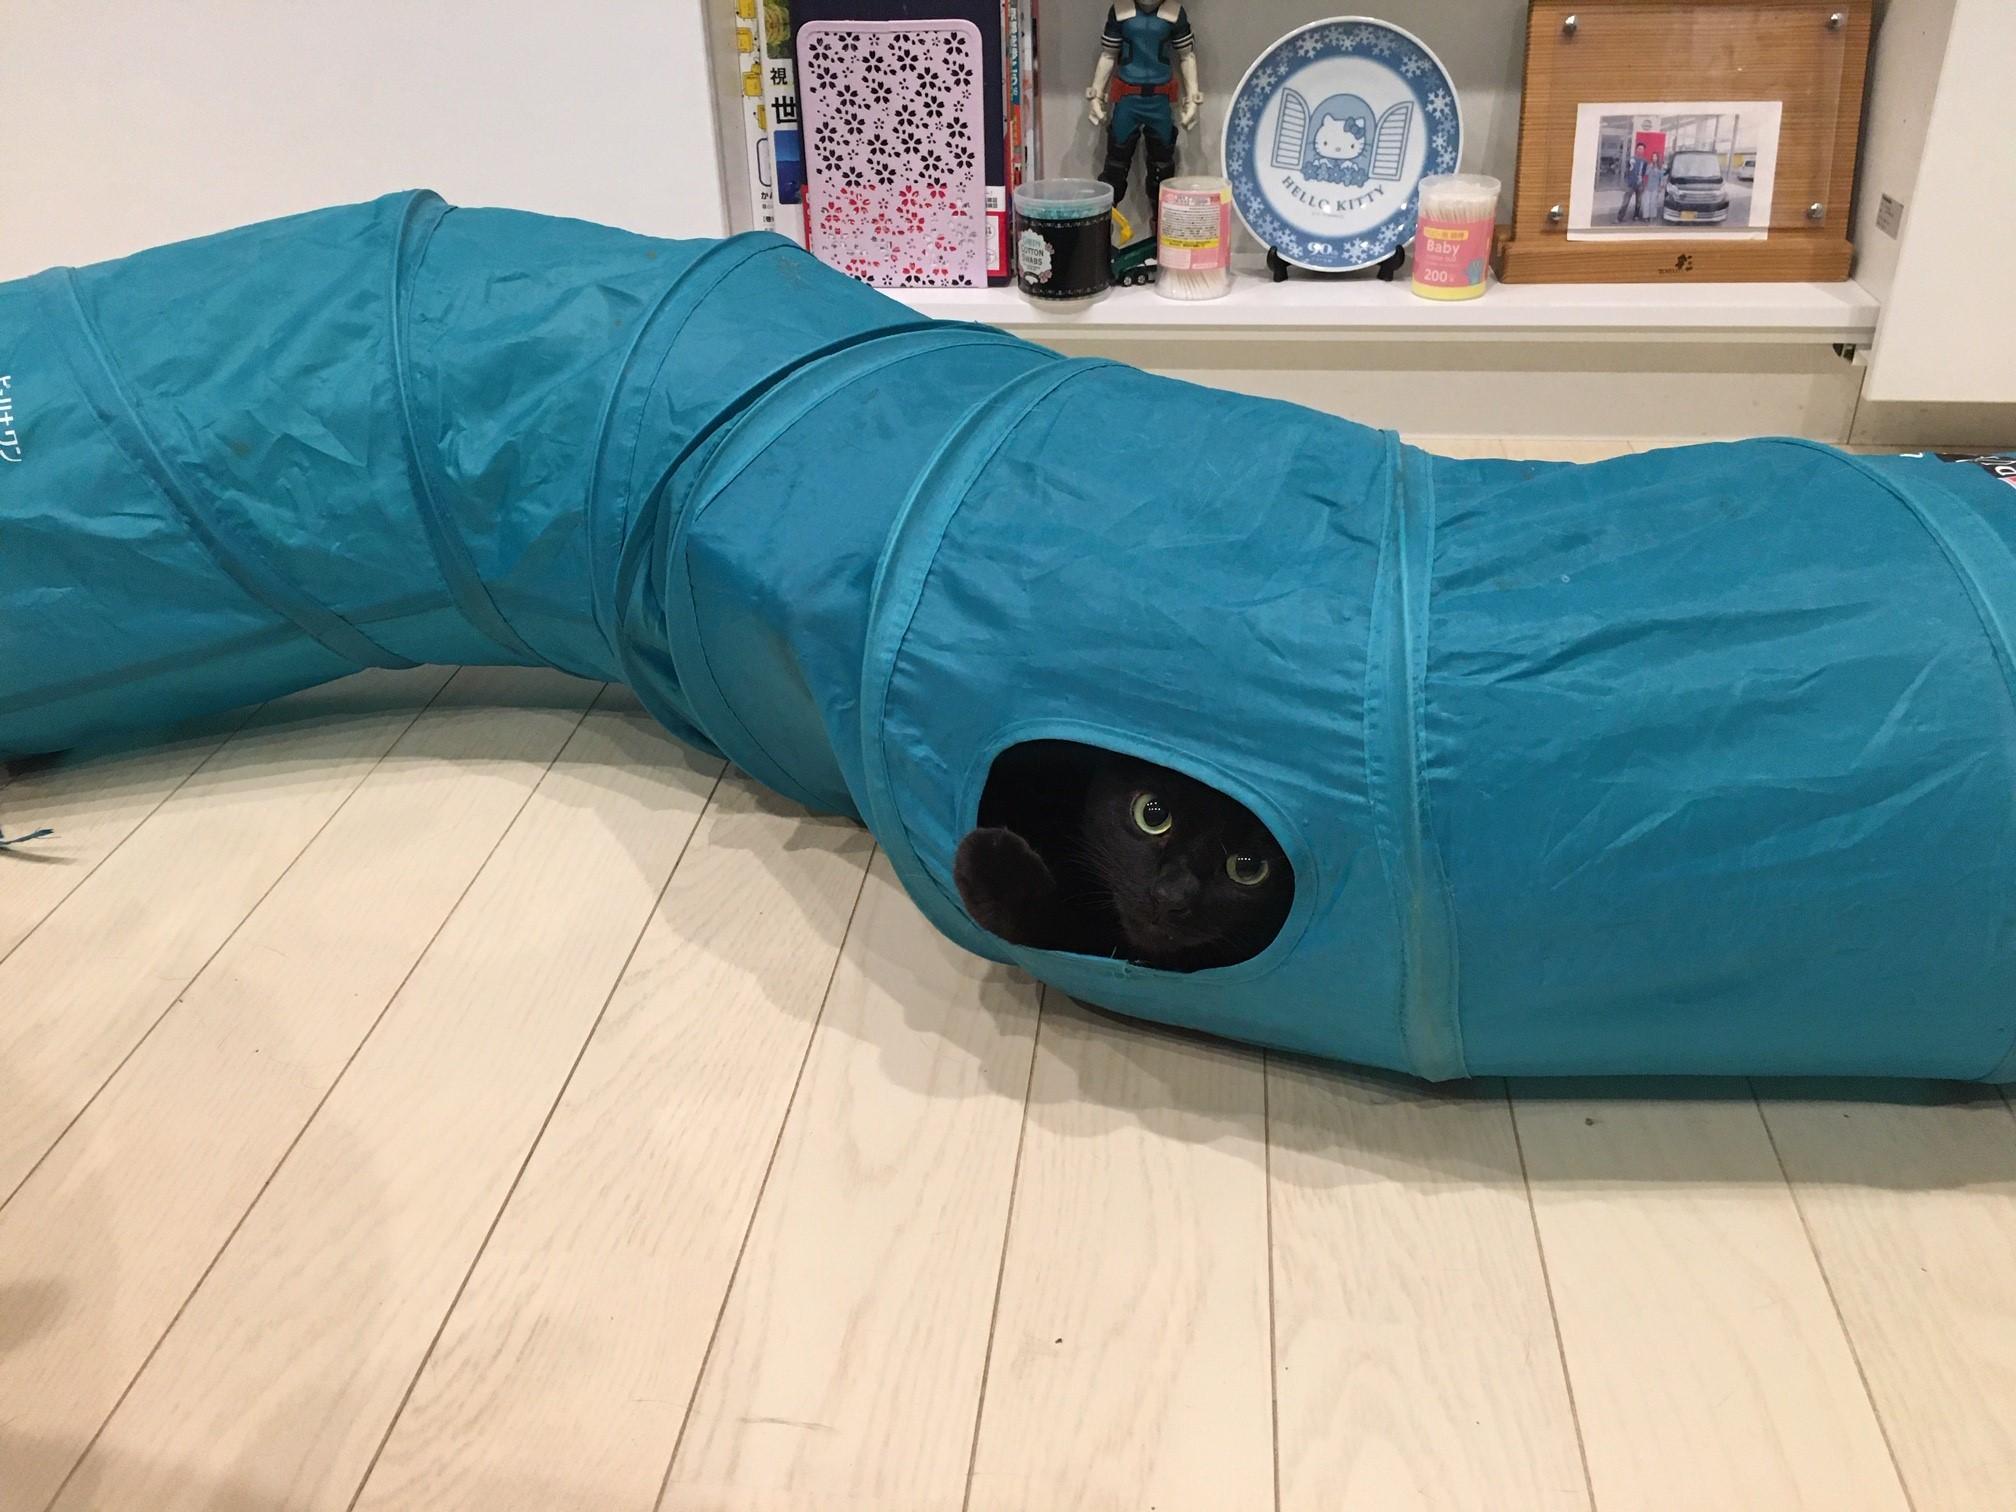 猫トンネルでネコちゃんに遊び場所を作る【ストレス緩和にもなる】